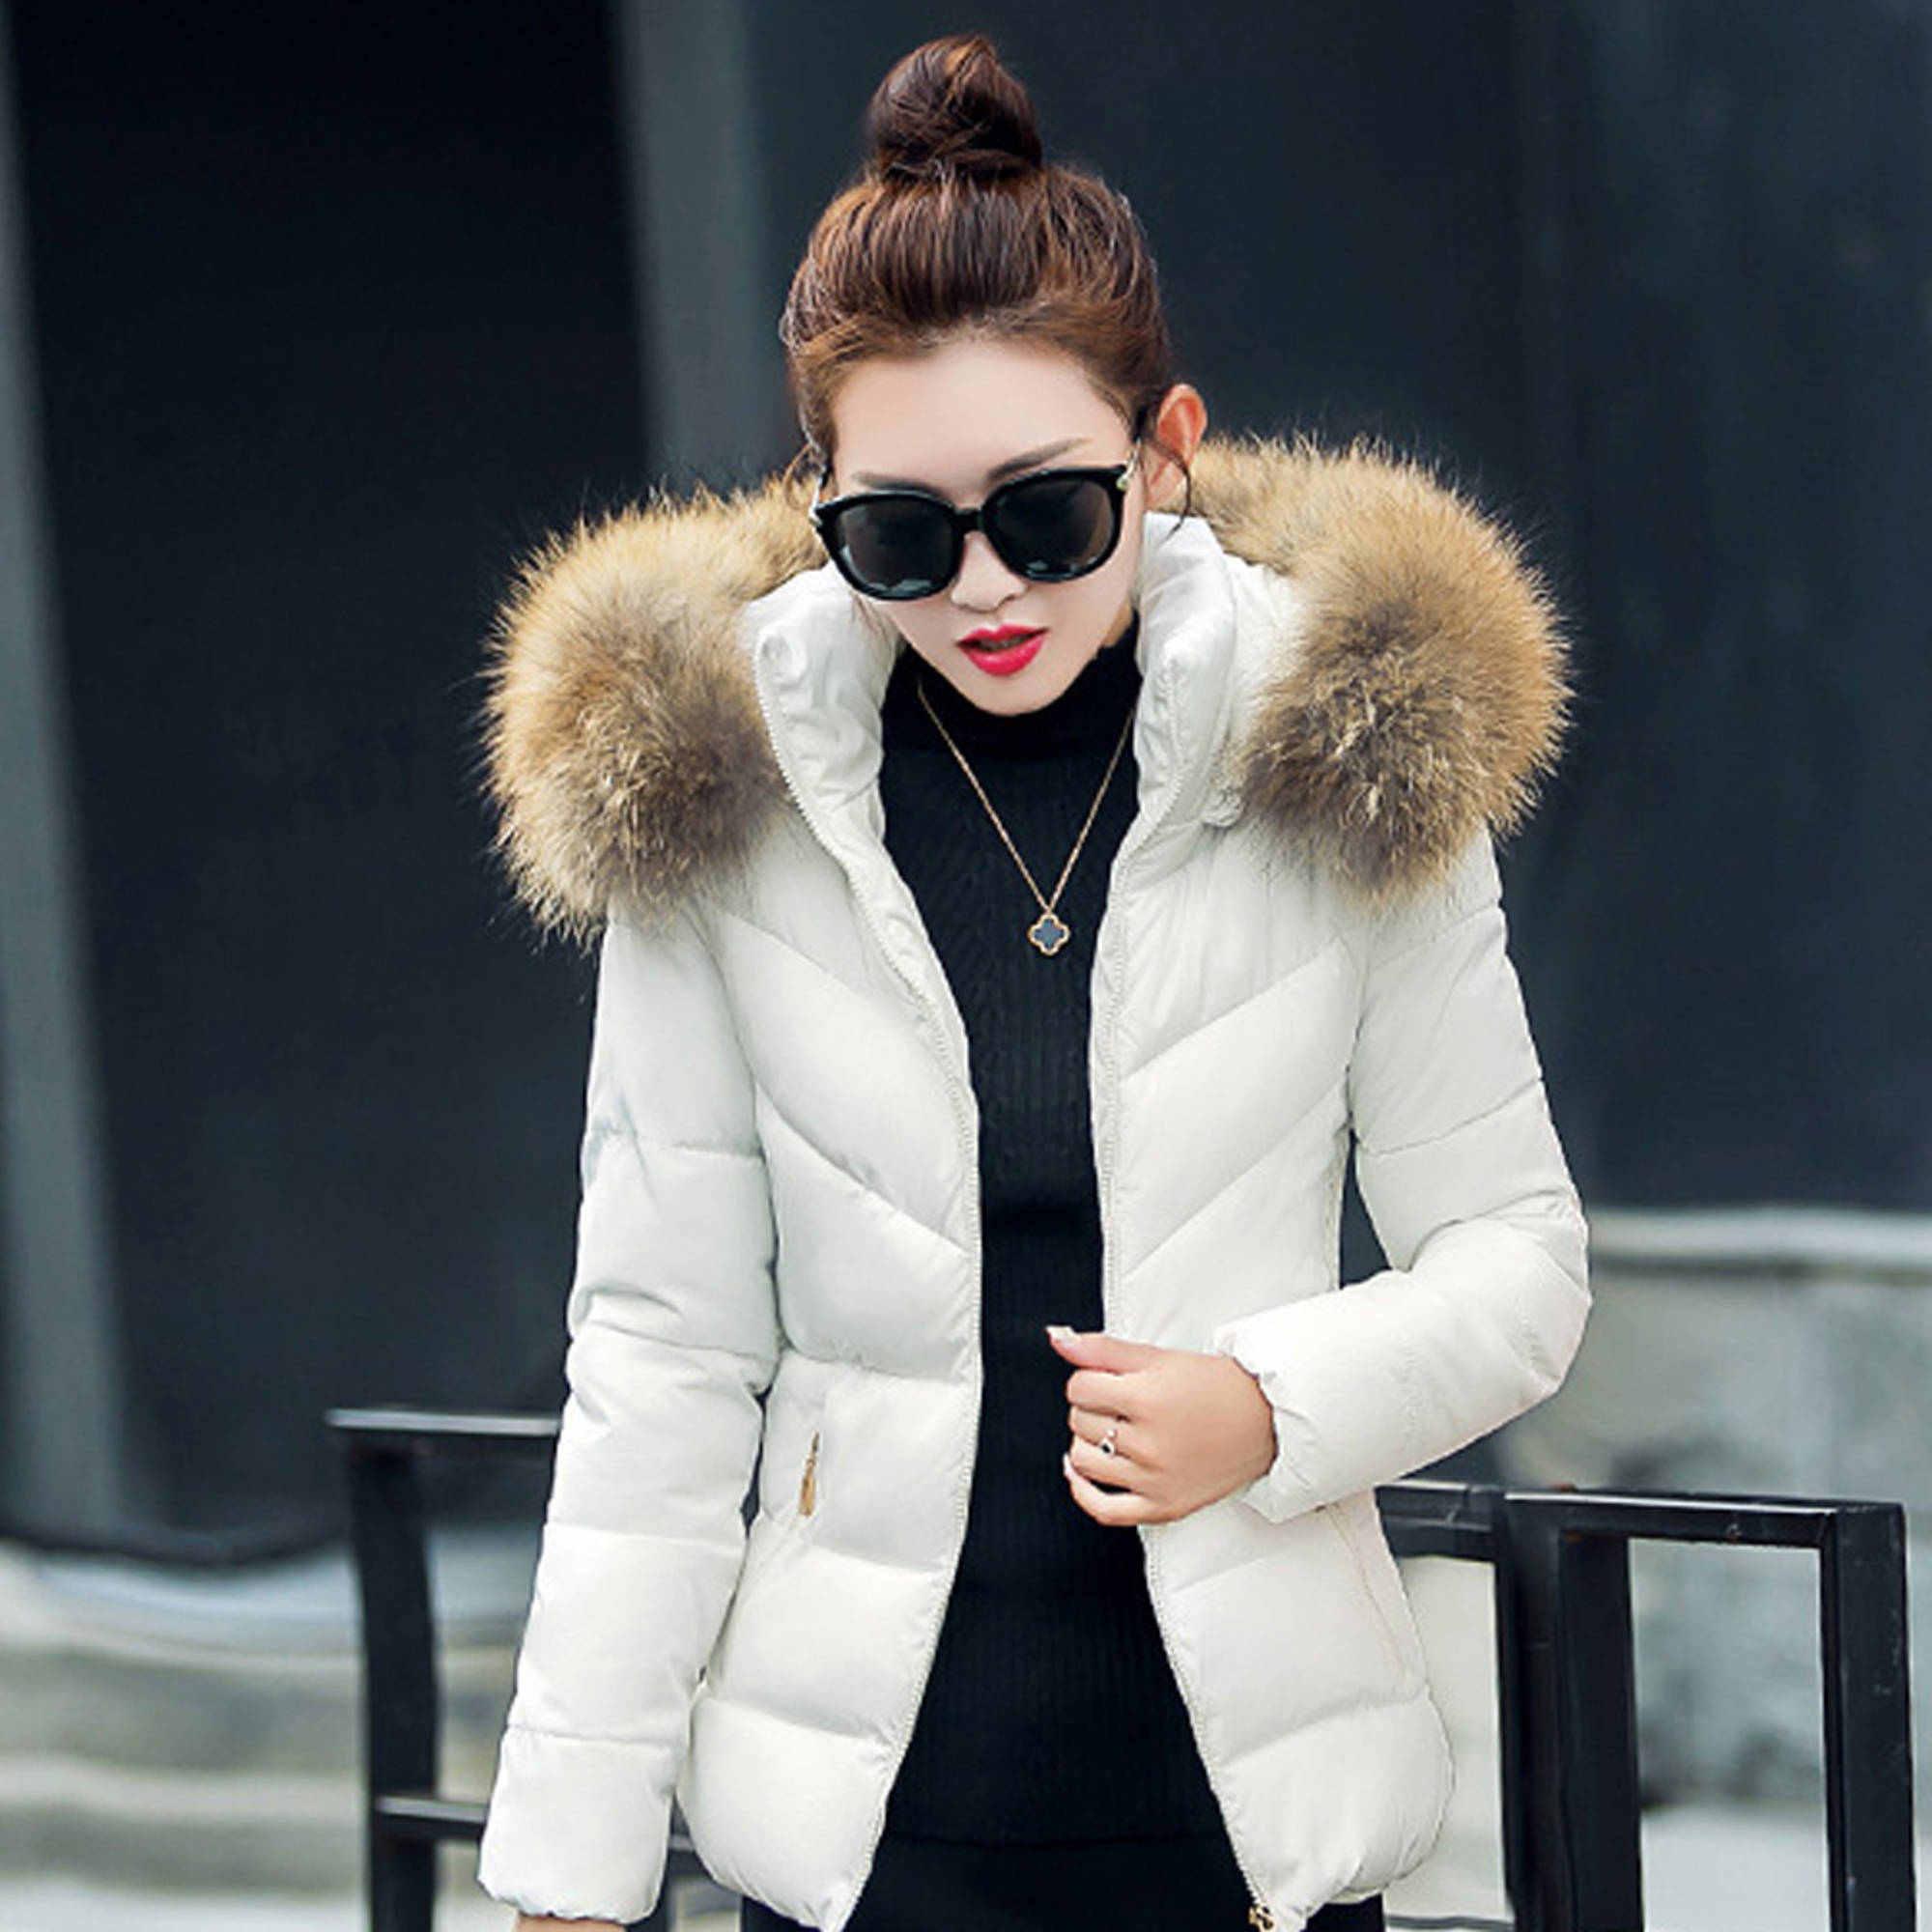 Women's Parkas Faux Fur Hooded Solid Short Outwear Thicken Winter Coat Overcoat Down... by Dosmart